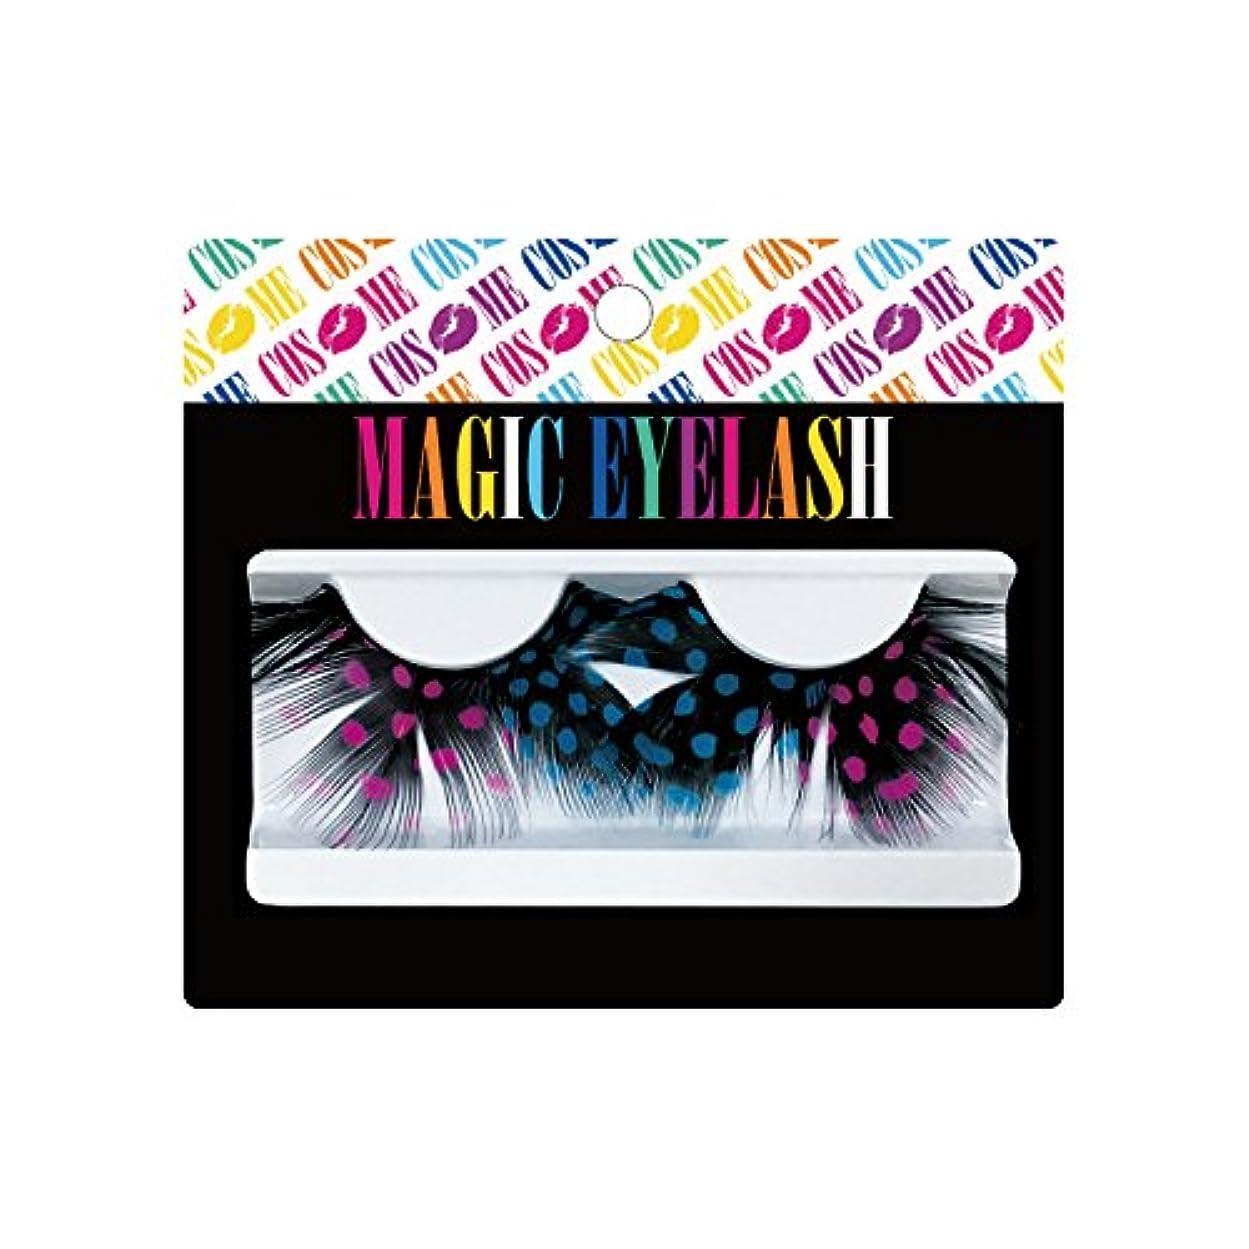 納税者費やす死の顎ピュア つけまつげ MAGIC EYELASH マジック アイラッシュ #8